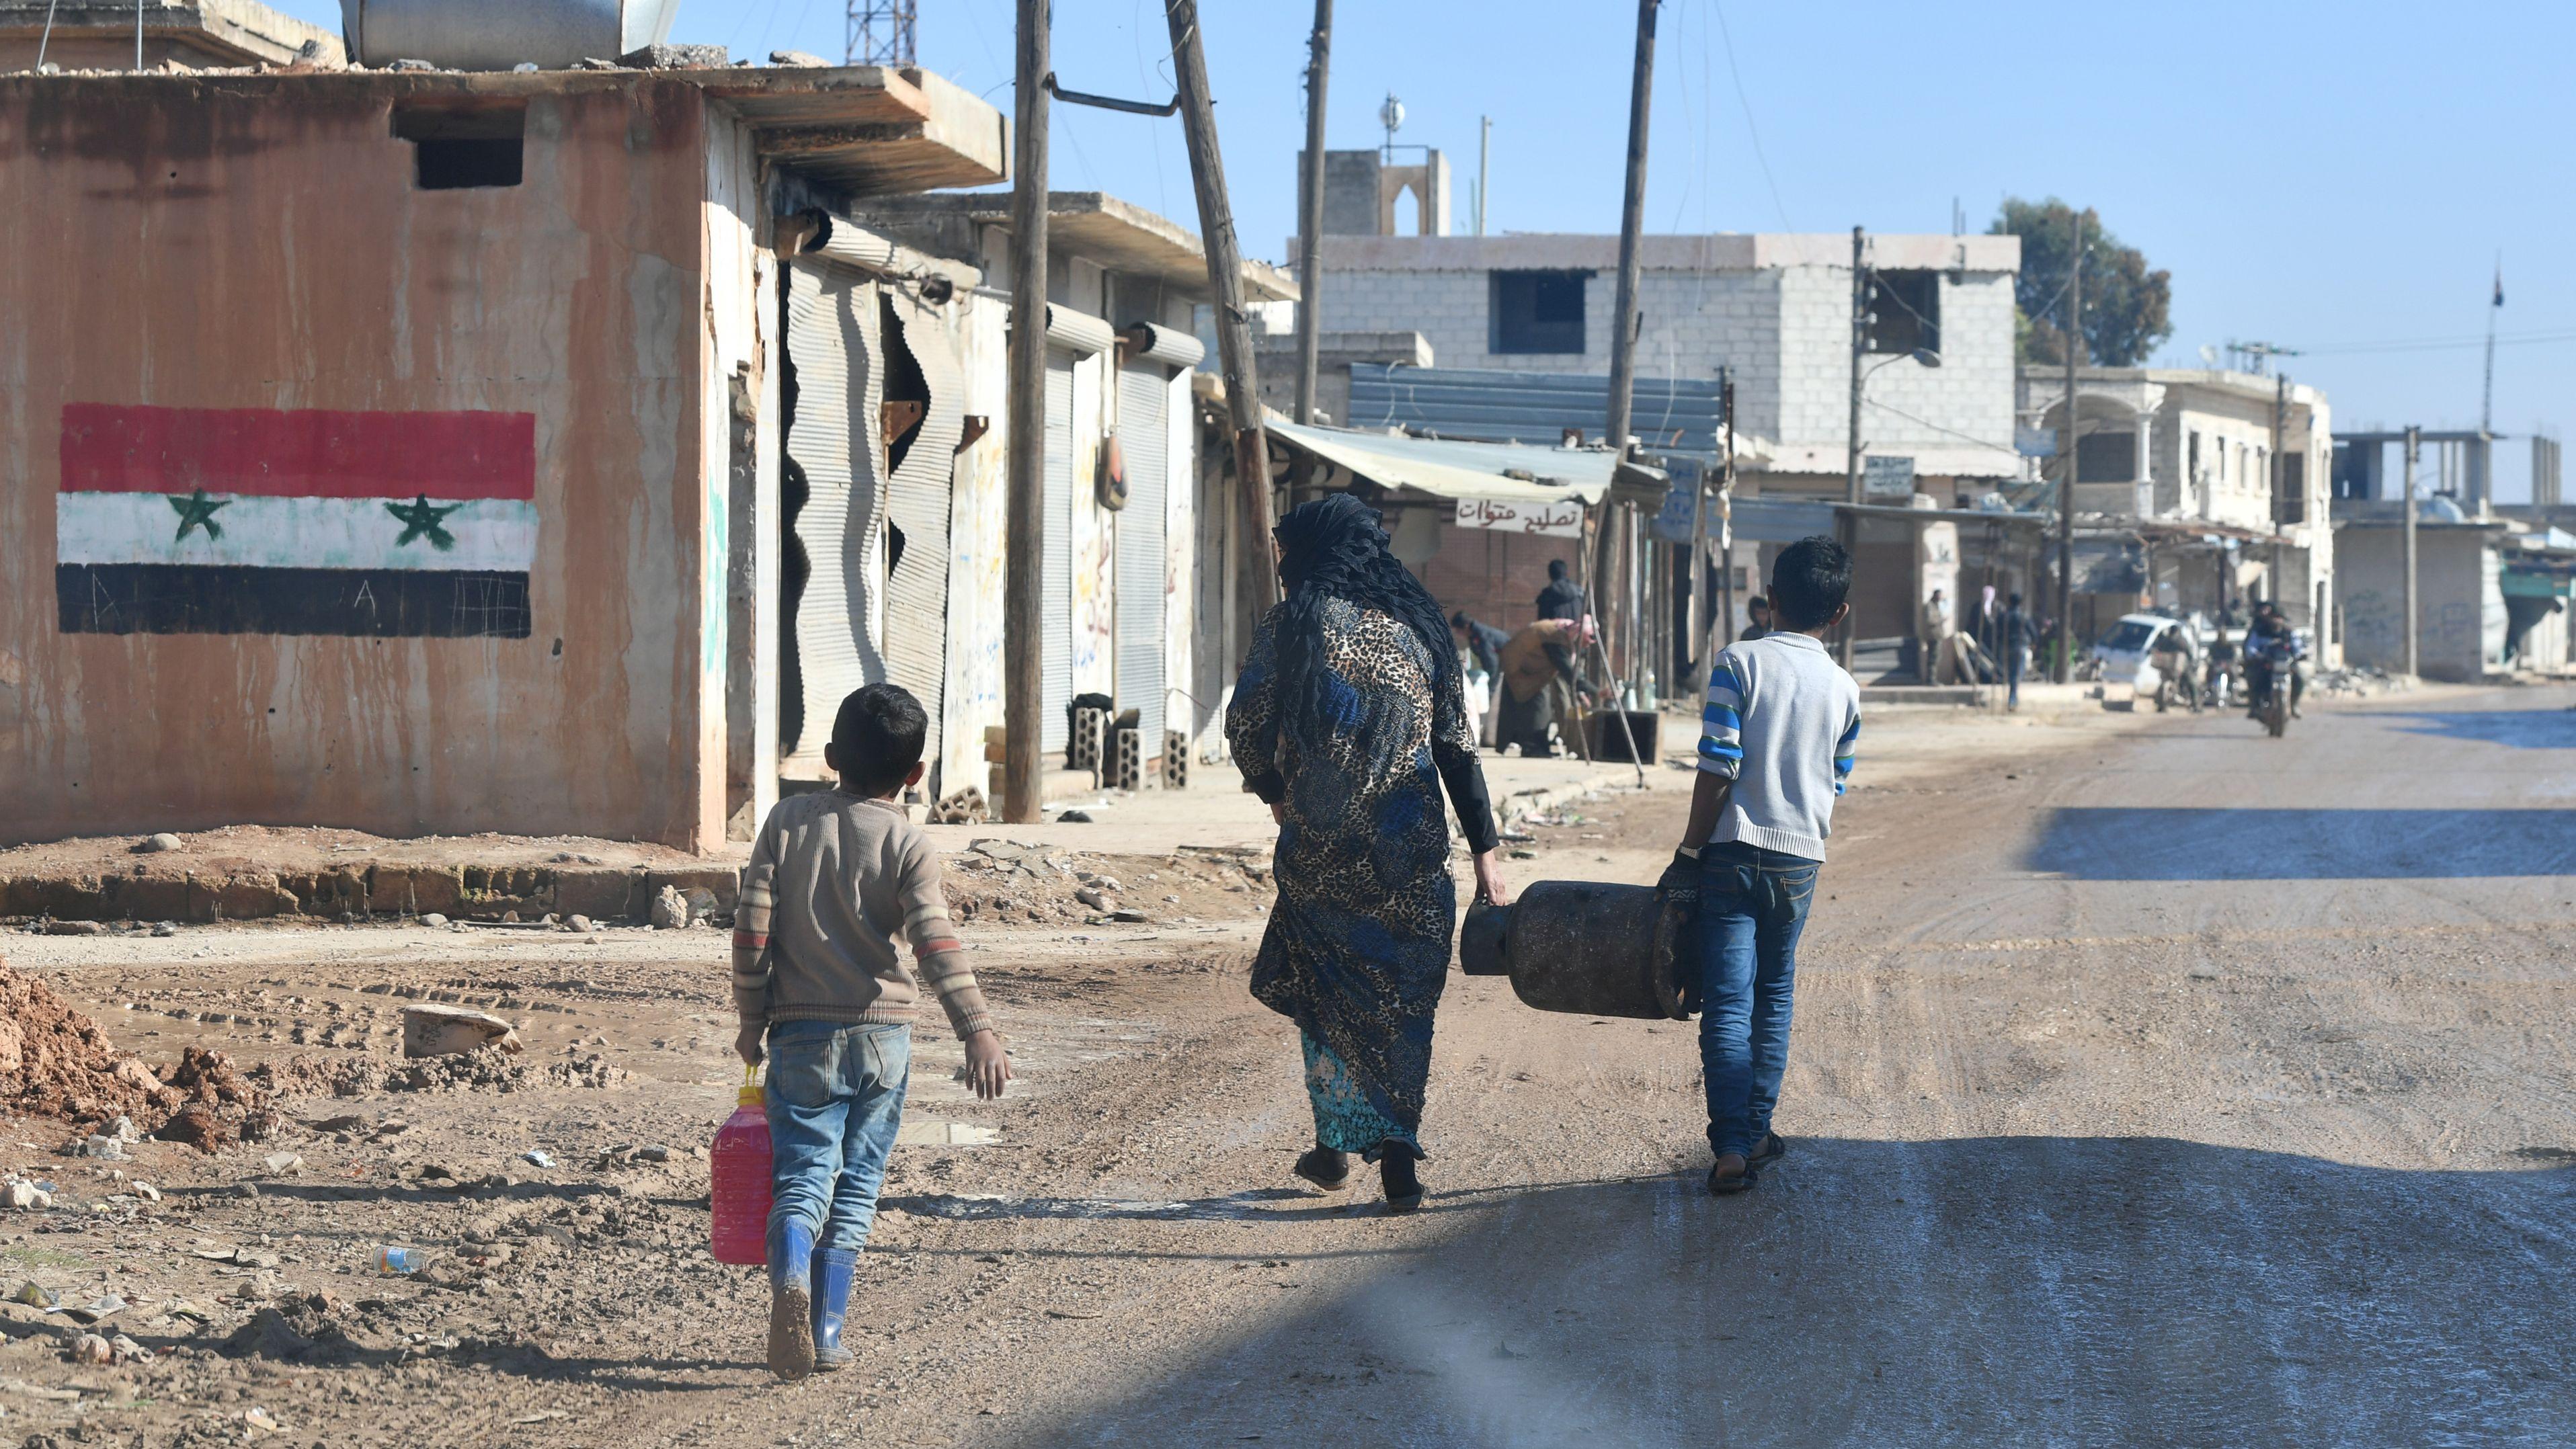 Ein Kind, eine Frau und ein größeres Kind gehen eine Straße entlang. Die Straße wird gesäumt von zerstörten Wohnhäusern. In der Ferne naht ein Motorrad.